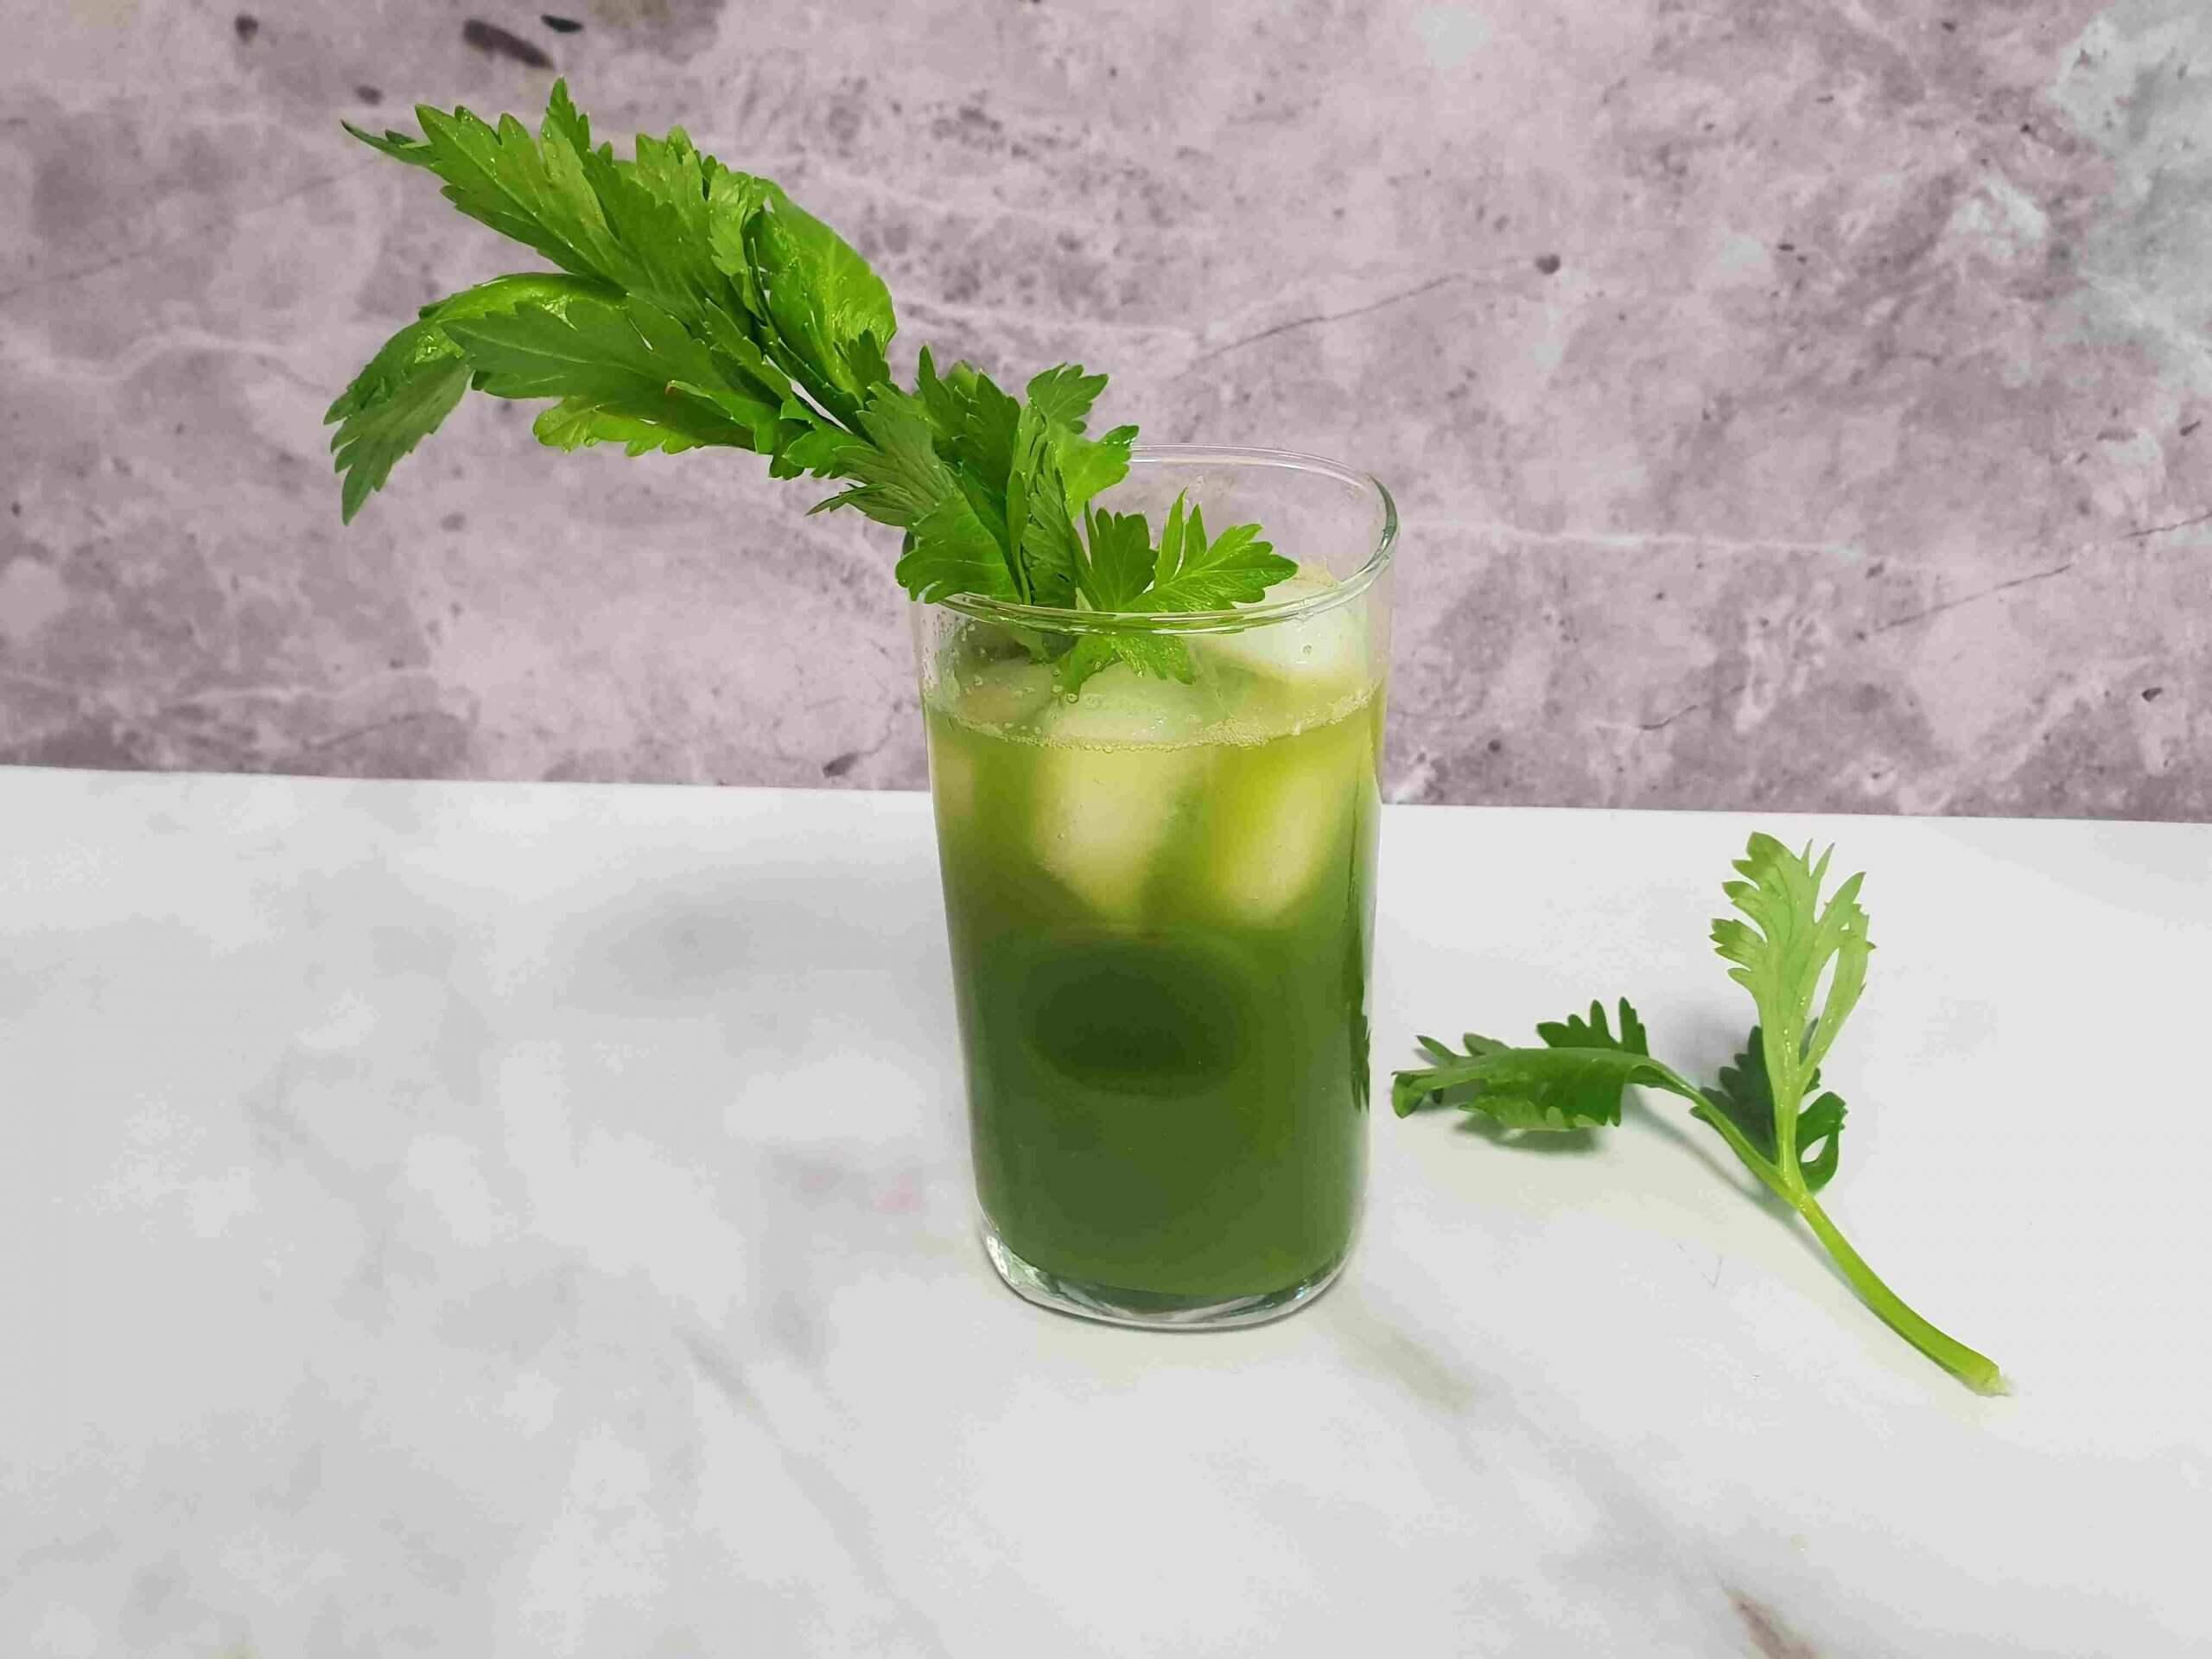 The EZ-Celery Juice Recipe